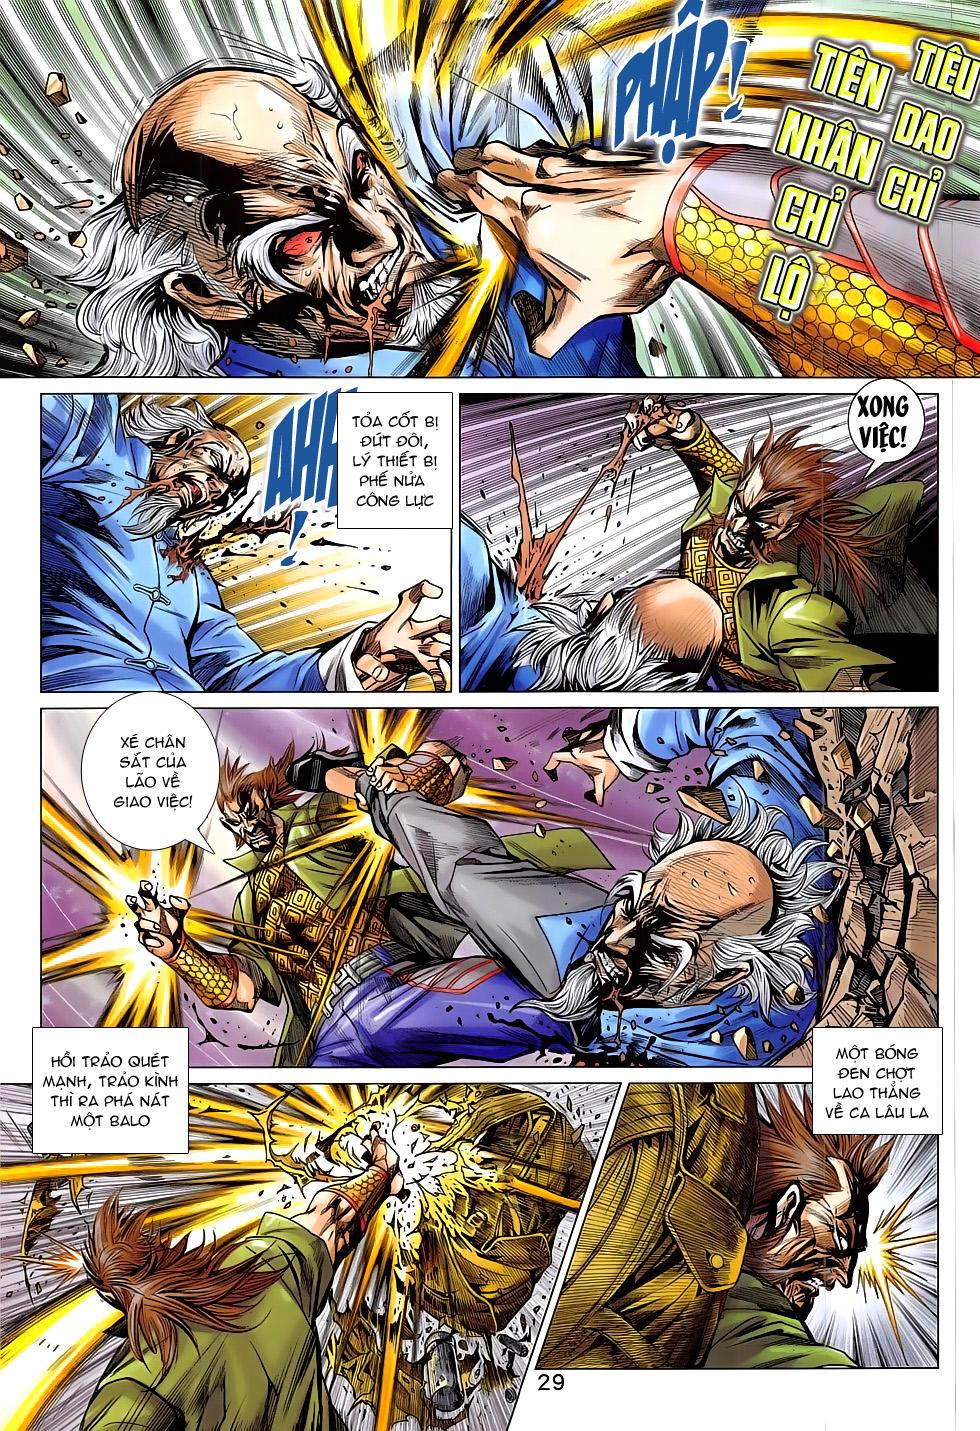 Tân Tác Long Hổ Môn chap 793 Trang 29 - Mangak.info